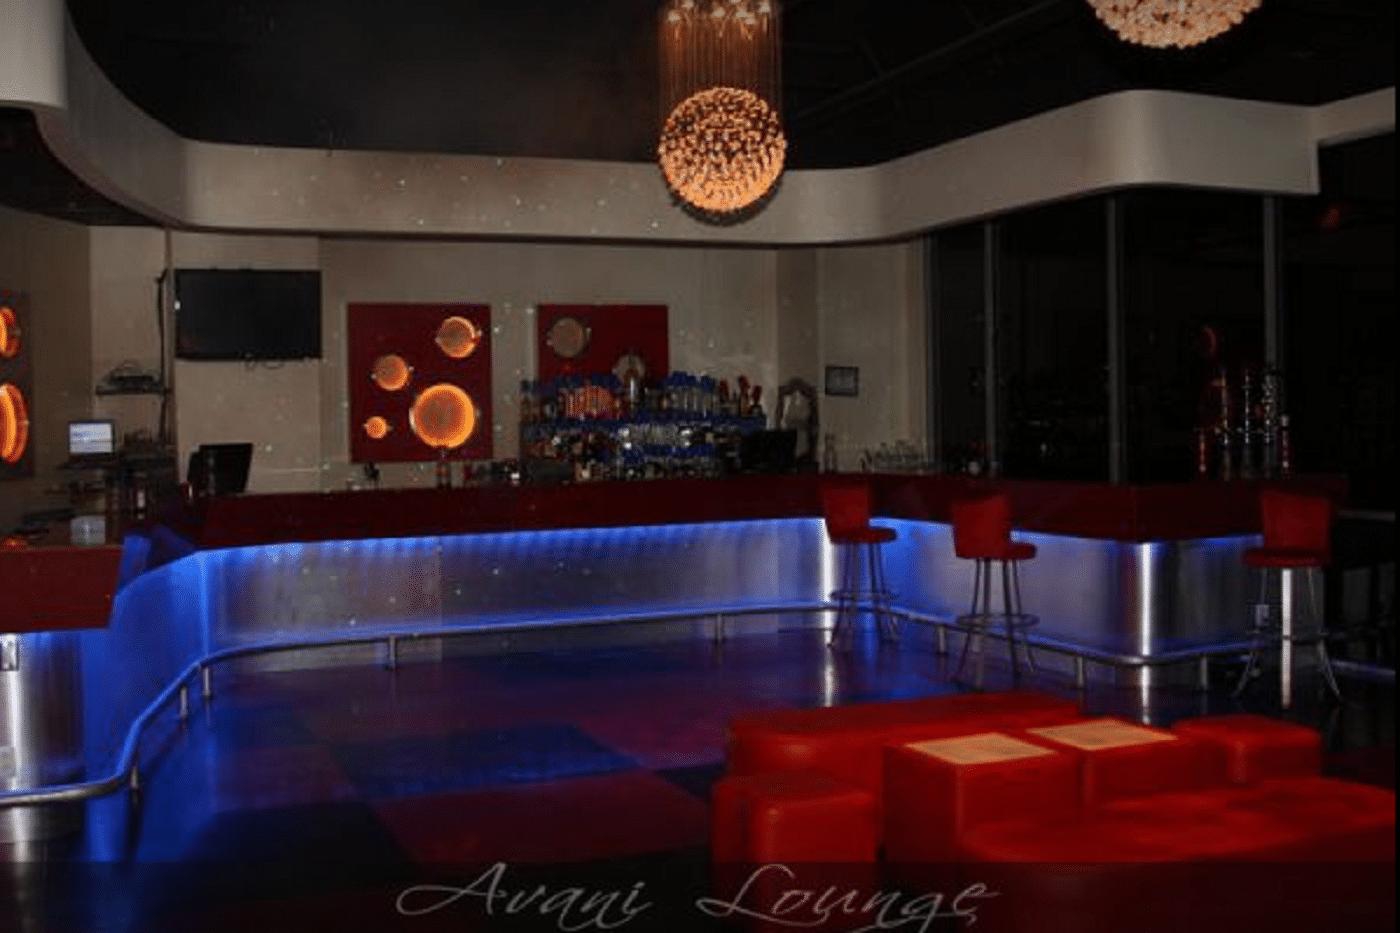 Avani Lounge 5711 Hillcroft St D6, Houston, TX 77036 Cited for Refilling Liquor Bottles